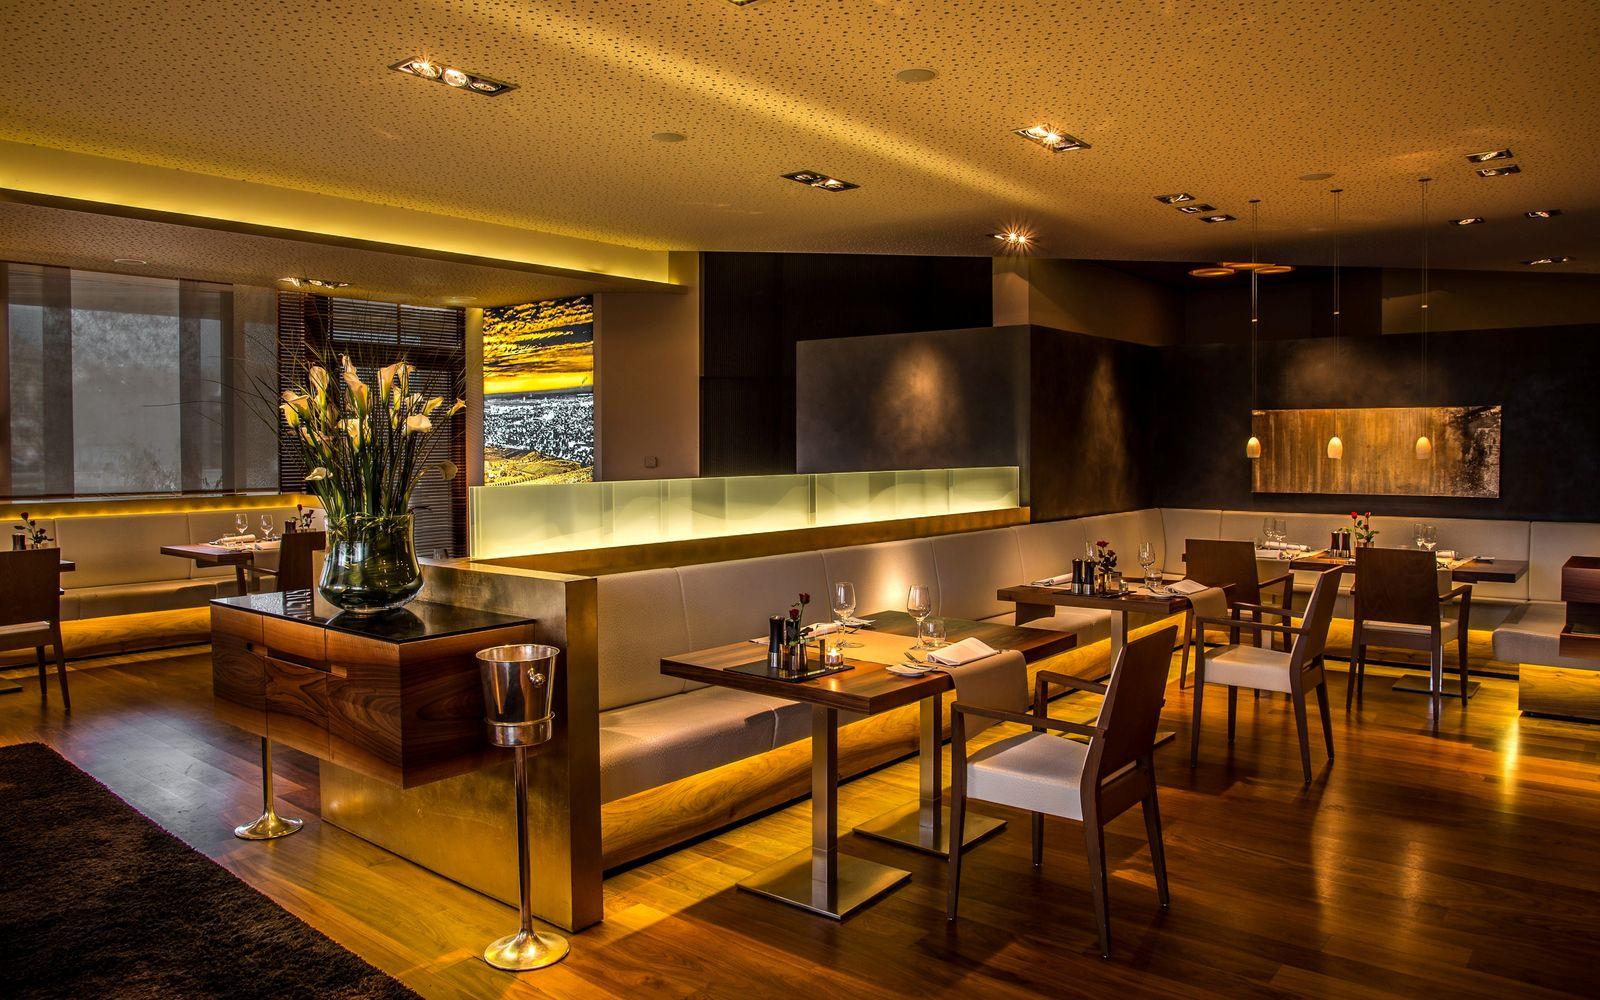 GOLDBERG_Restaurant_&_Winelounge_Bild_001